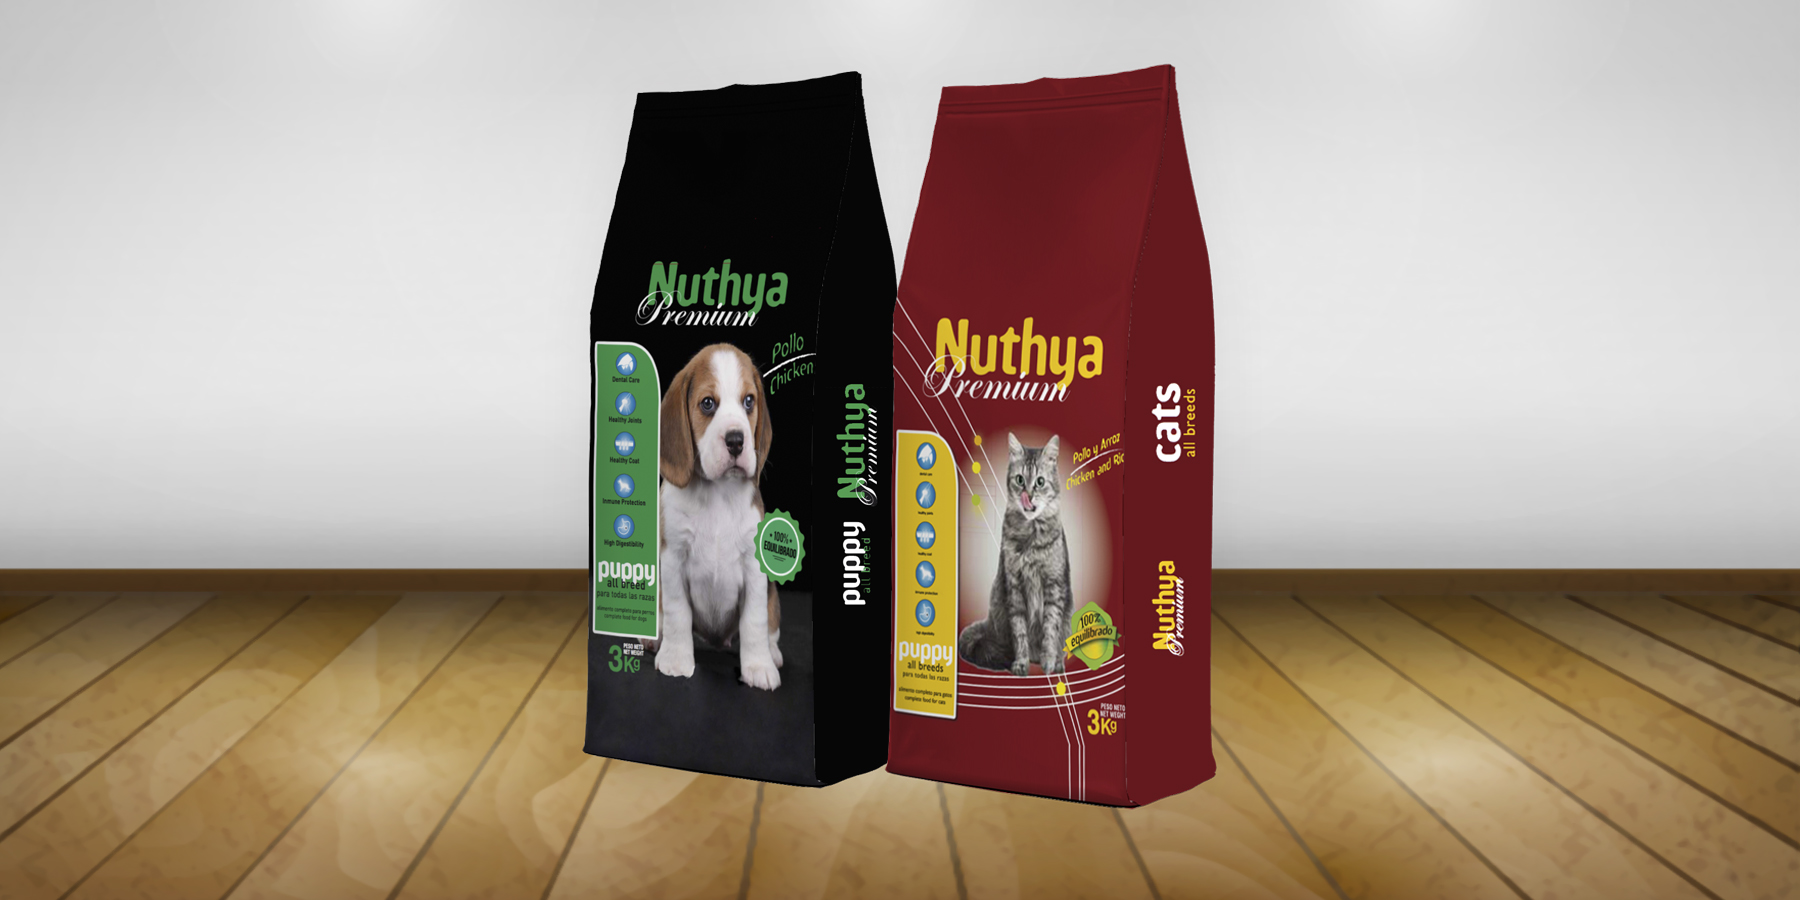 Nuevos Diseños Para Los Formatos De 3kg De Nuestra Gama Premium